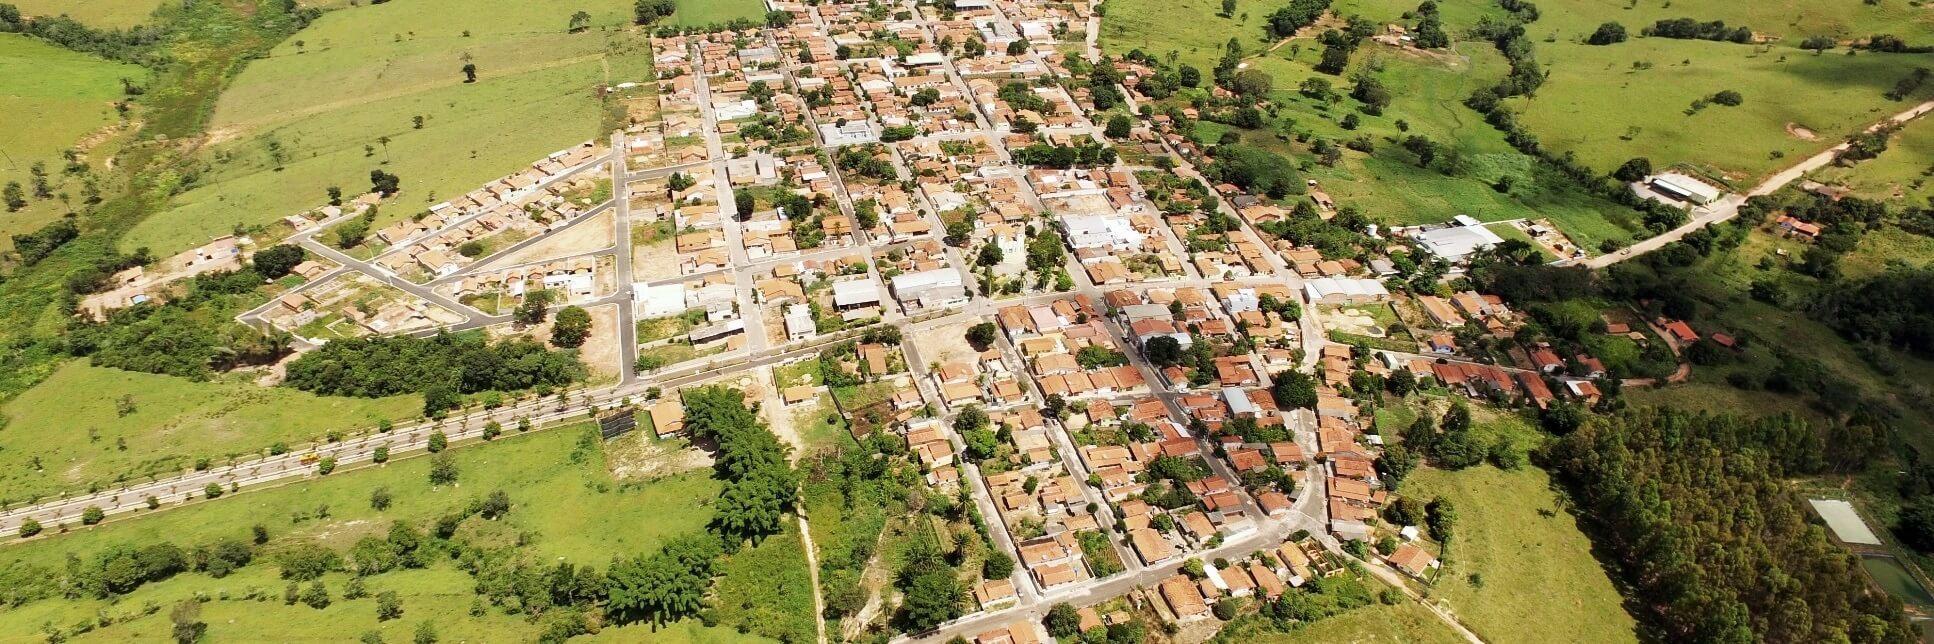 Douradoquara Minas Gerais fonte: static.consolidesuamarca.com.br